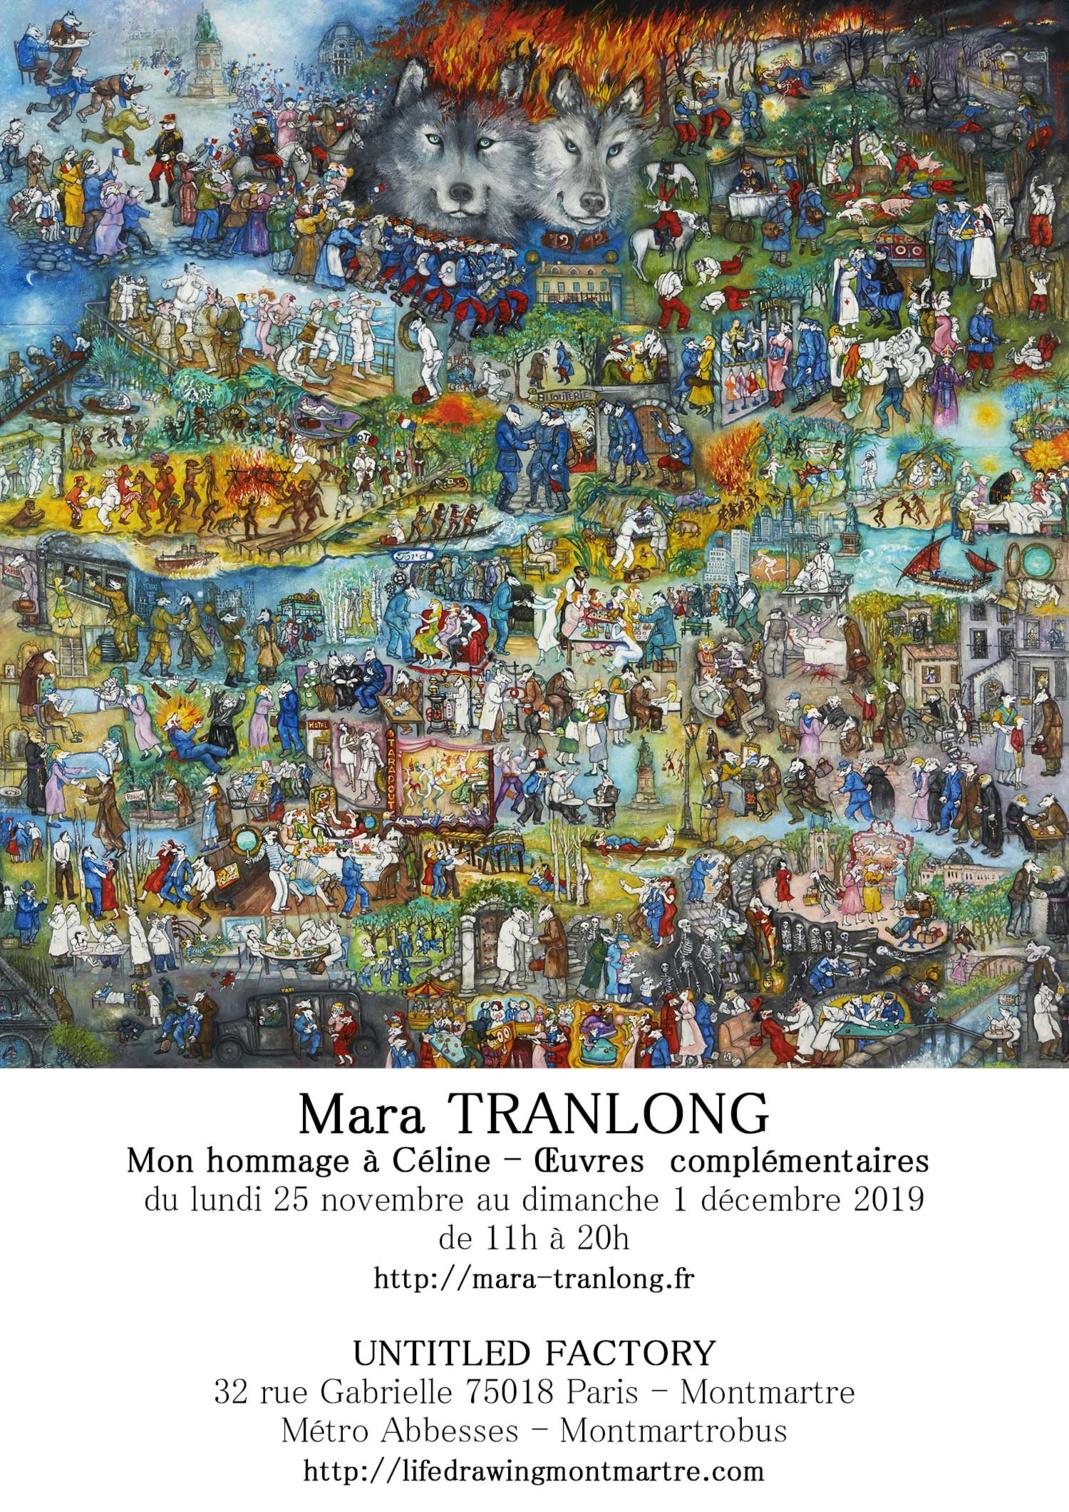 Une exposition en hommage à Lucette Destouches et Louis-Ferdinand Céline à partir du 25 novembre 2019 à Montmartre